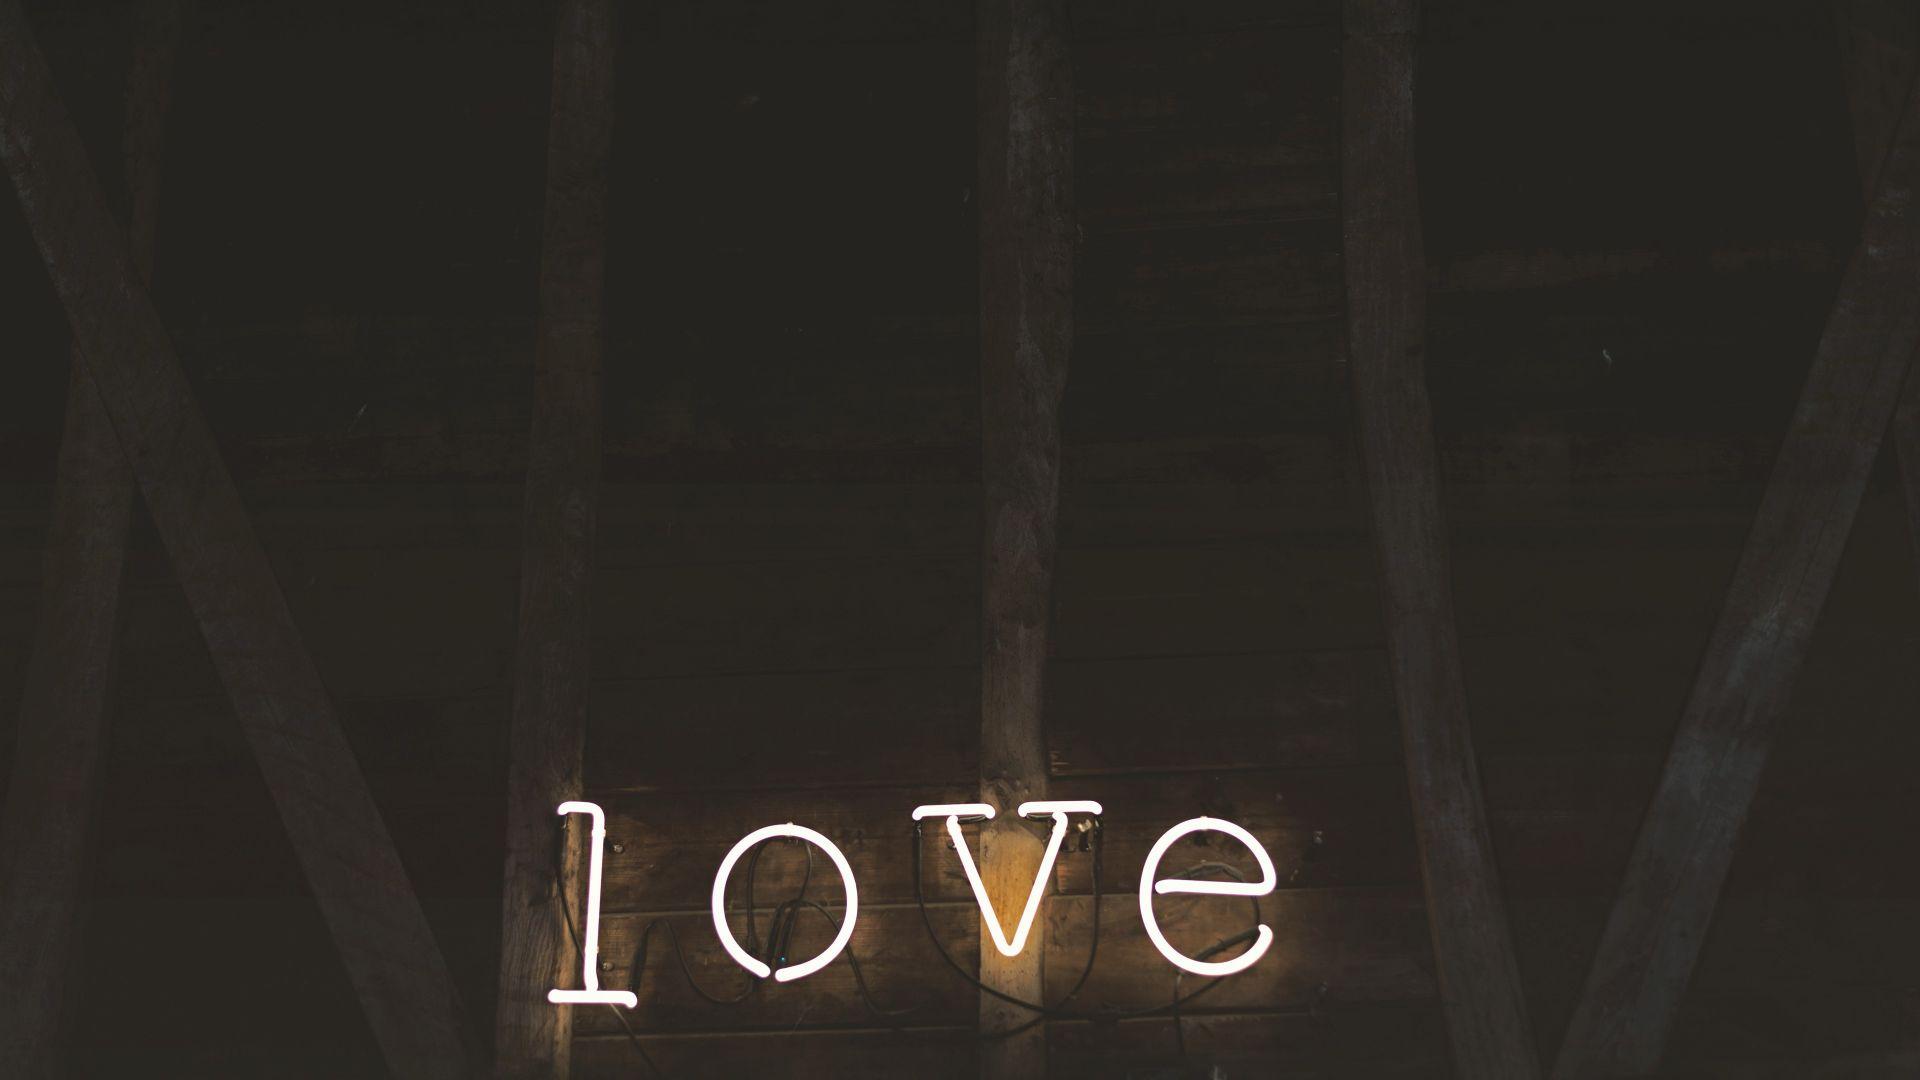 Wallpaper Love sign board, lights